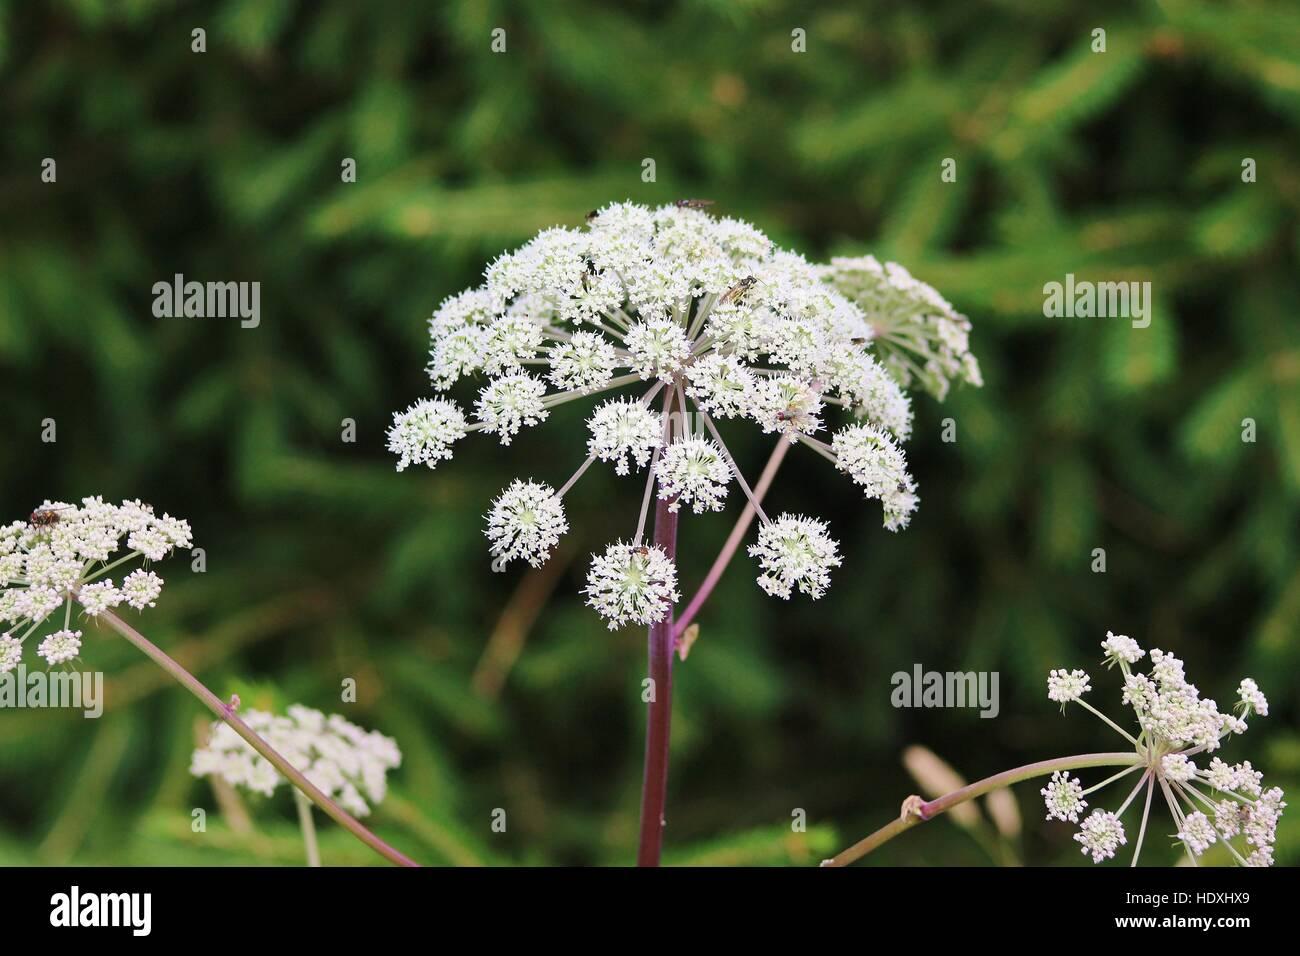 Ritratto di un comune achillea, insetti vari seduta su di esso. Nella riserva naturale di Kinnekulle area in Svezia, Immagini Stock